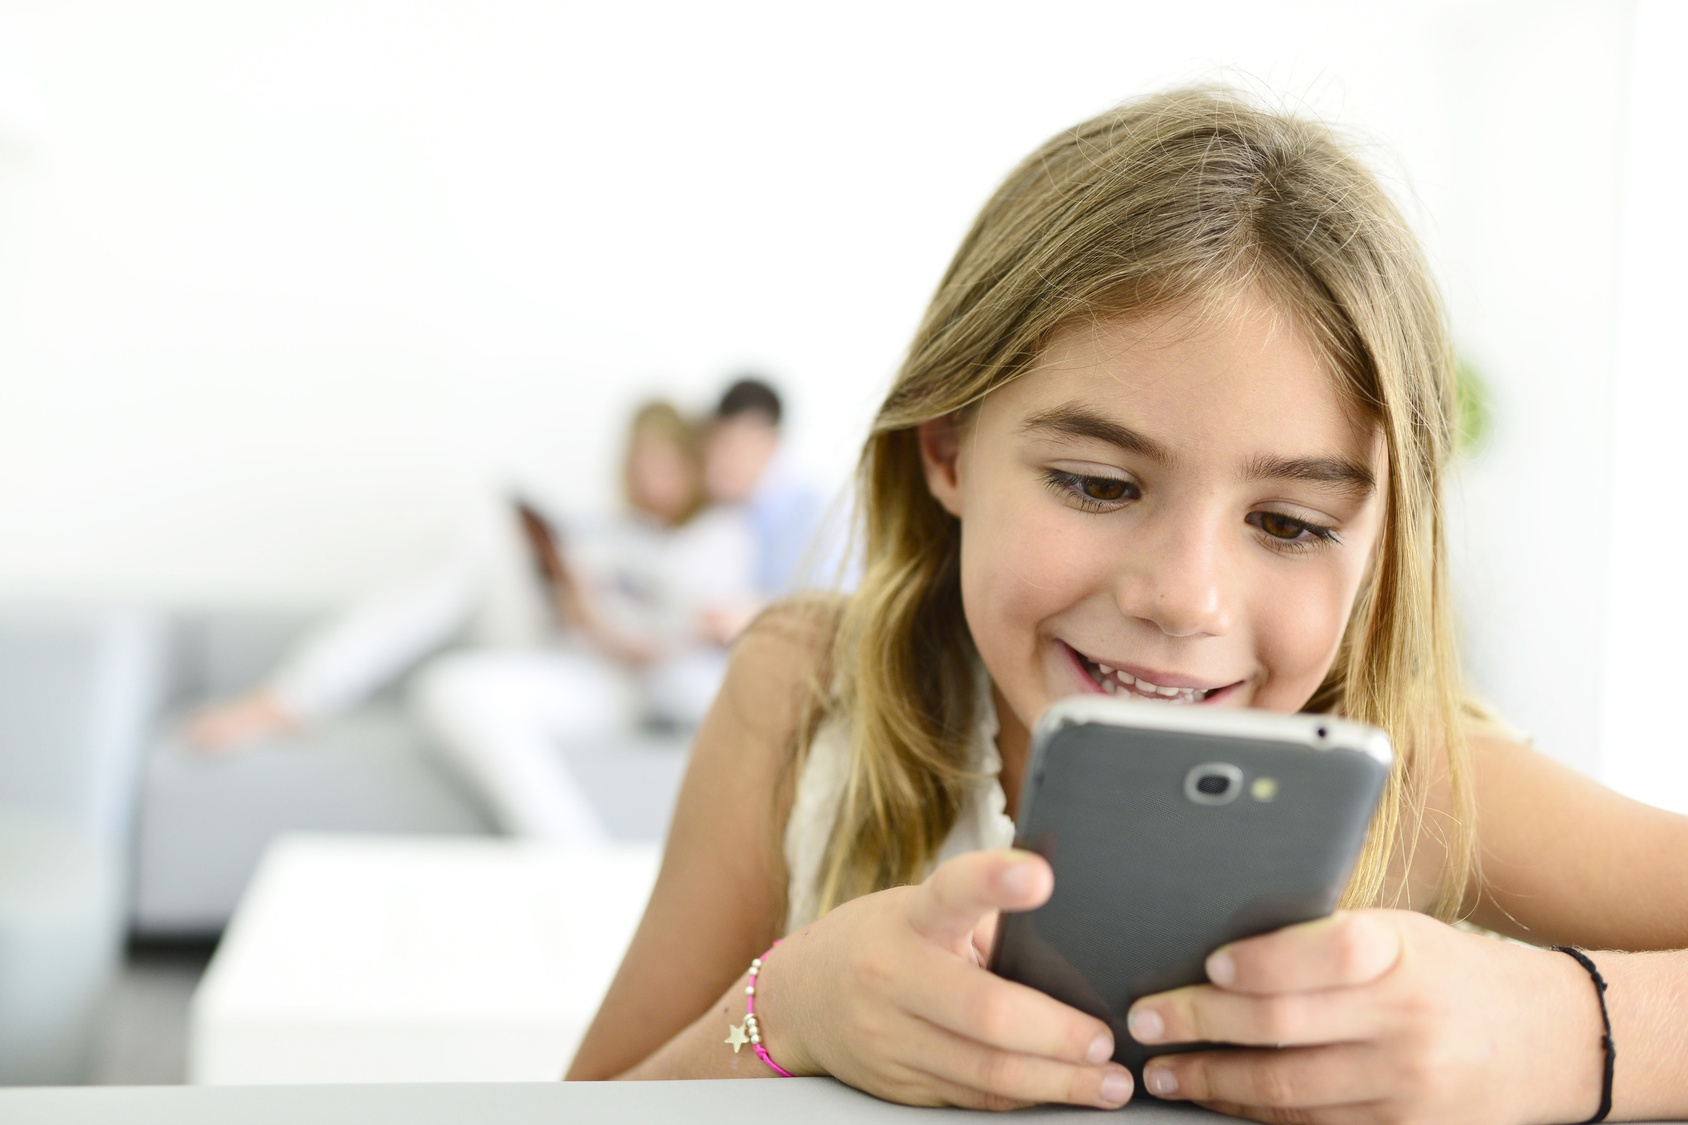 почему фото на телефоне и компьютере отличаются это ресурс